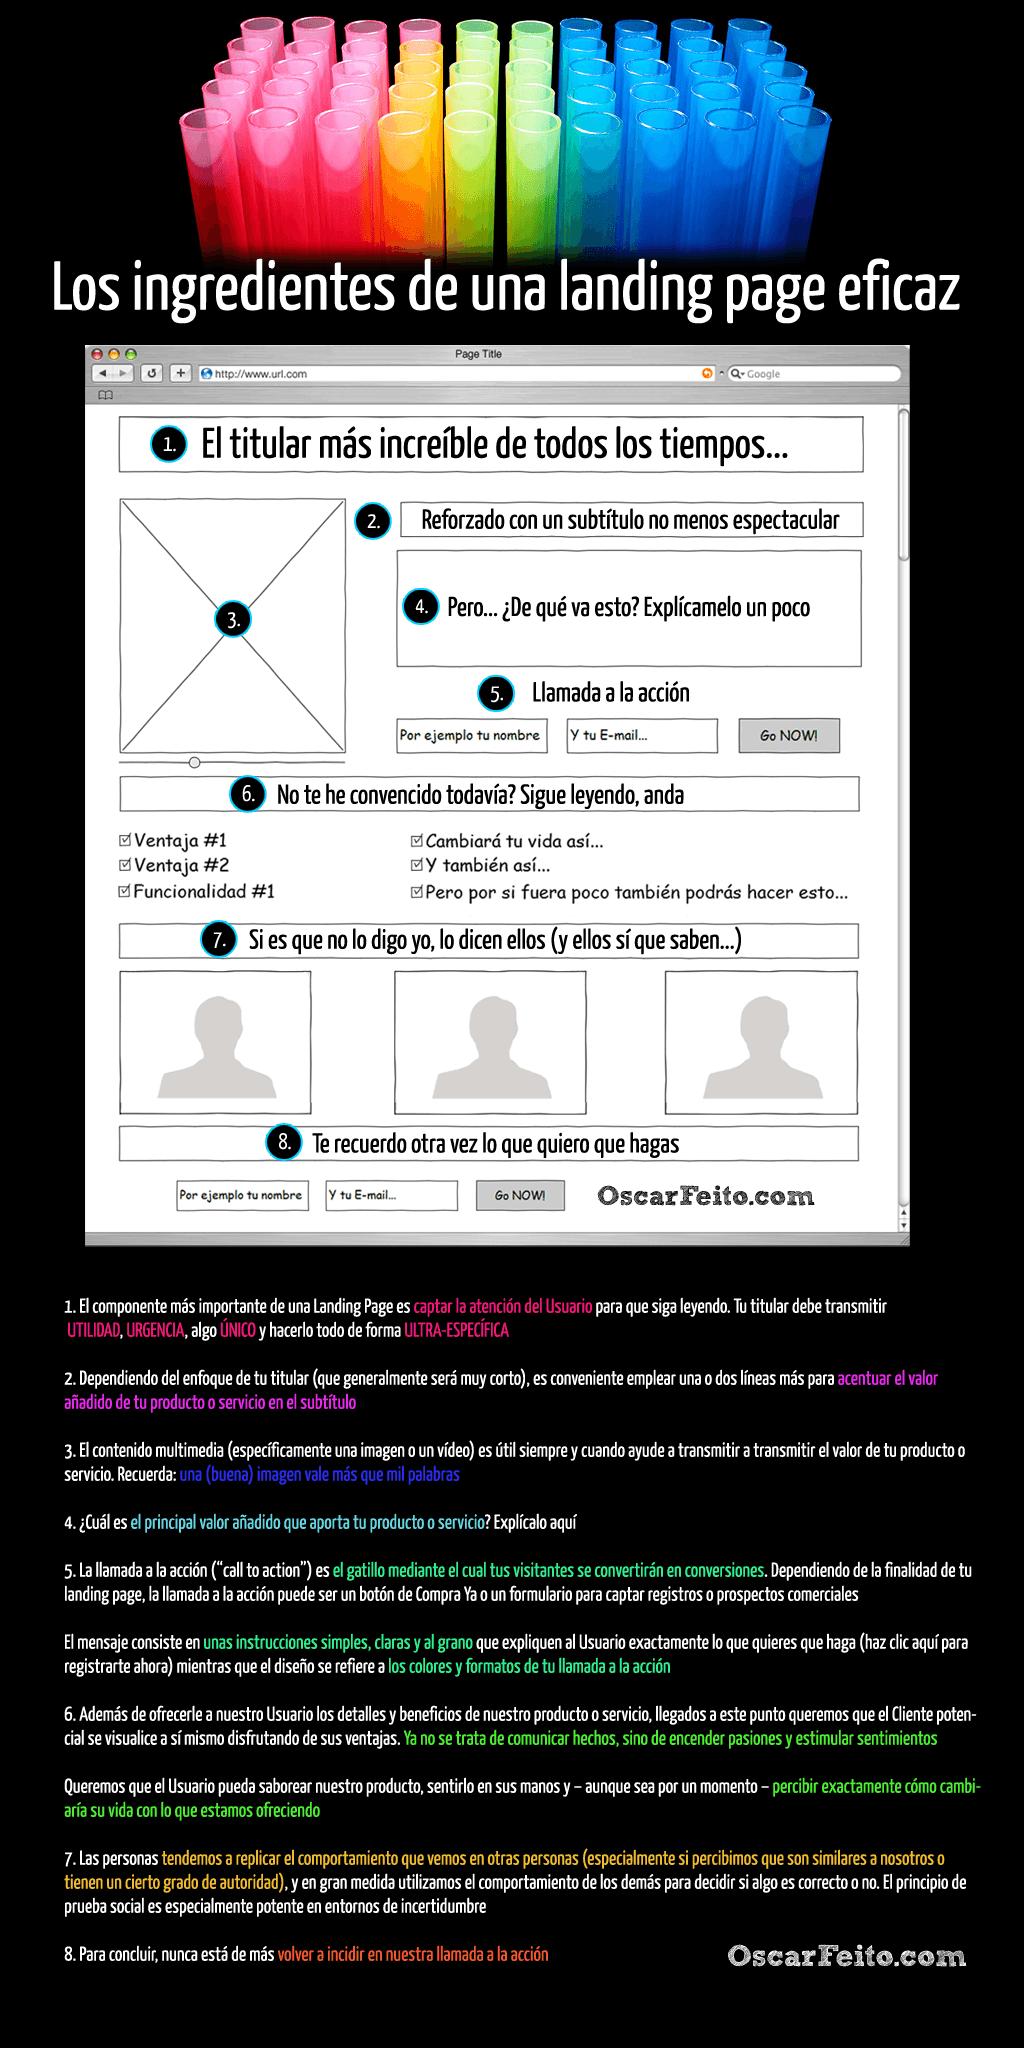 Los Ingredientes De Una Landing Page Eficaz